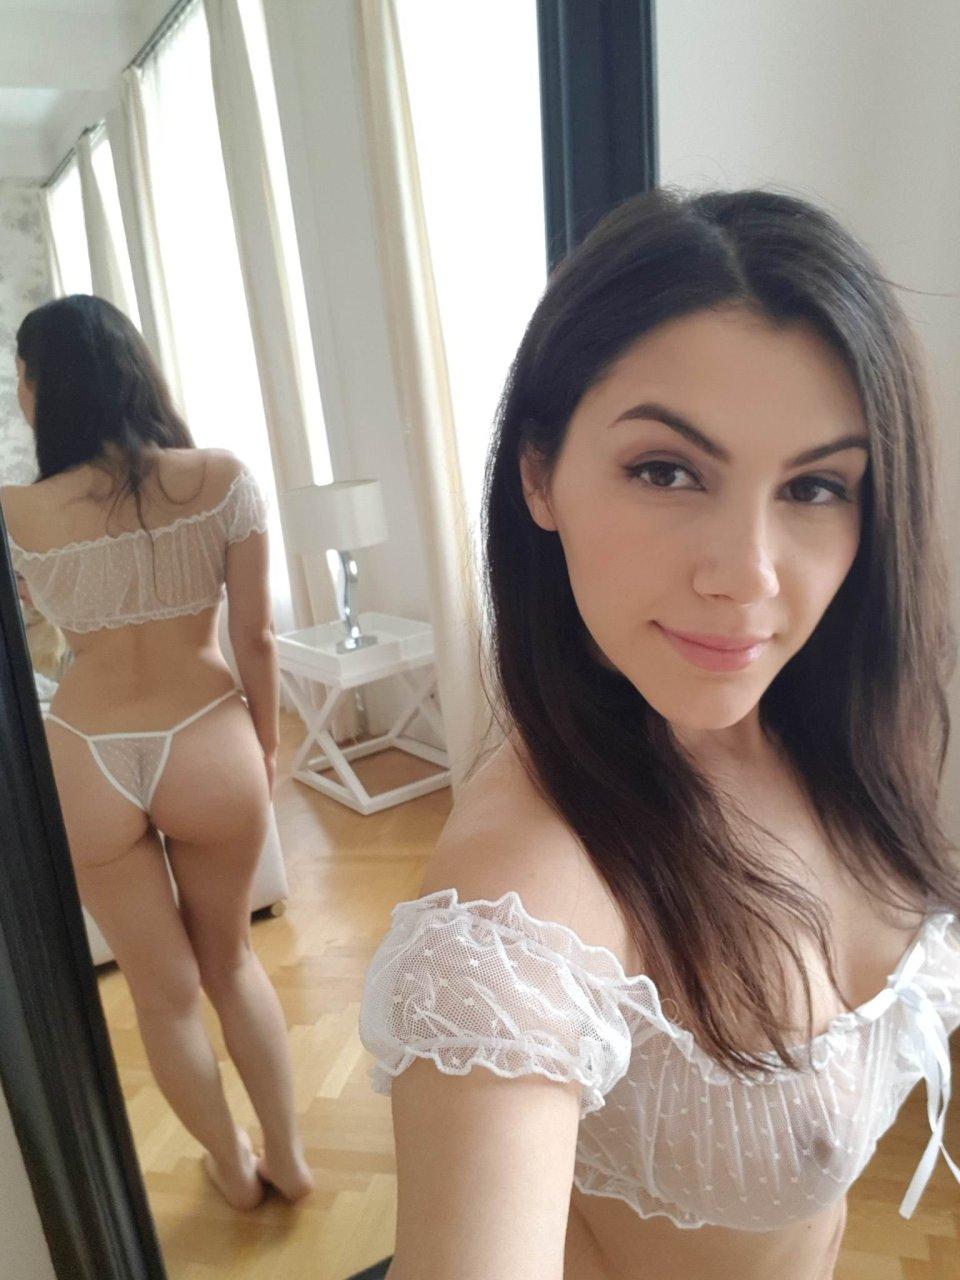 TheFappening Valentina Nappi nude photos 2019